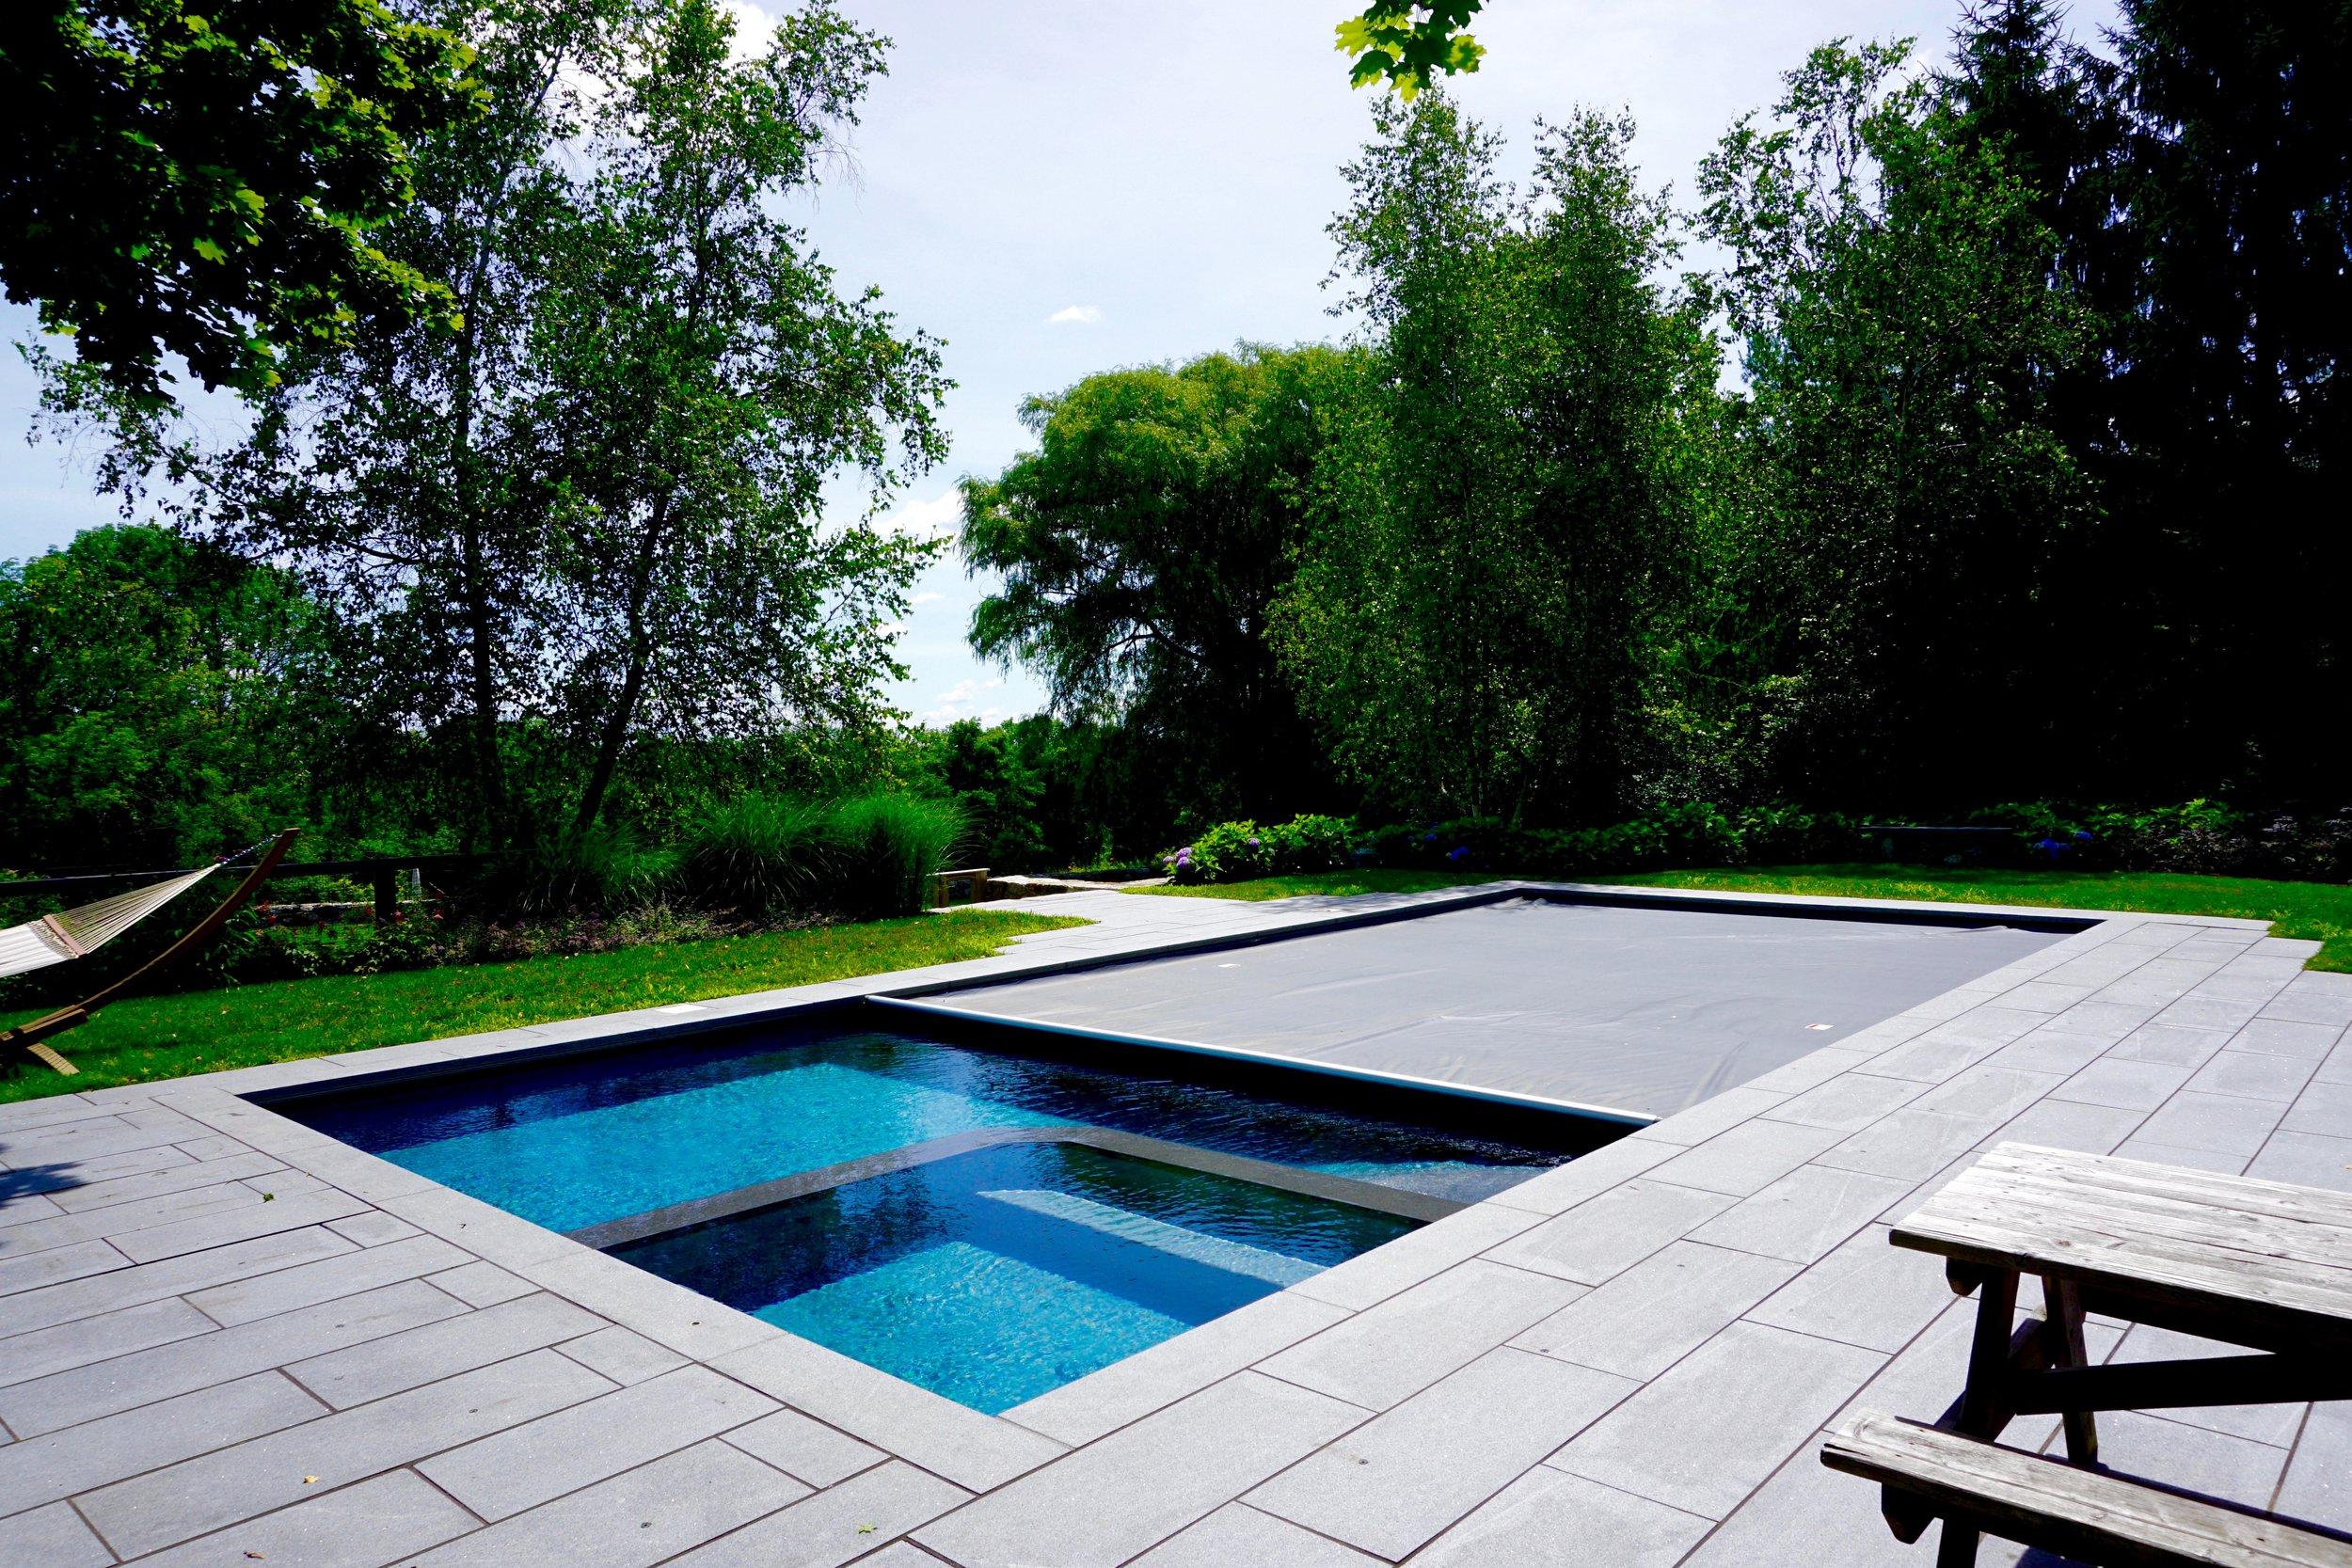 In-ground custom gunite swimming pool